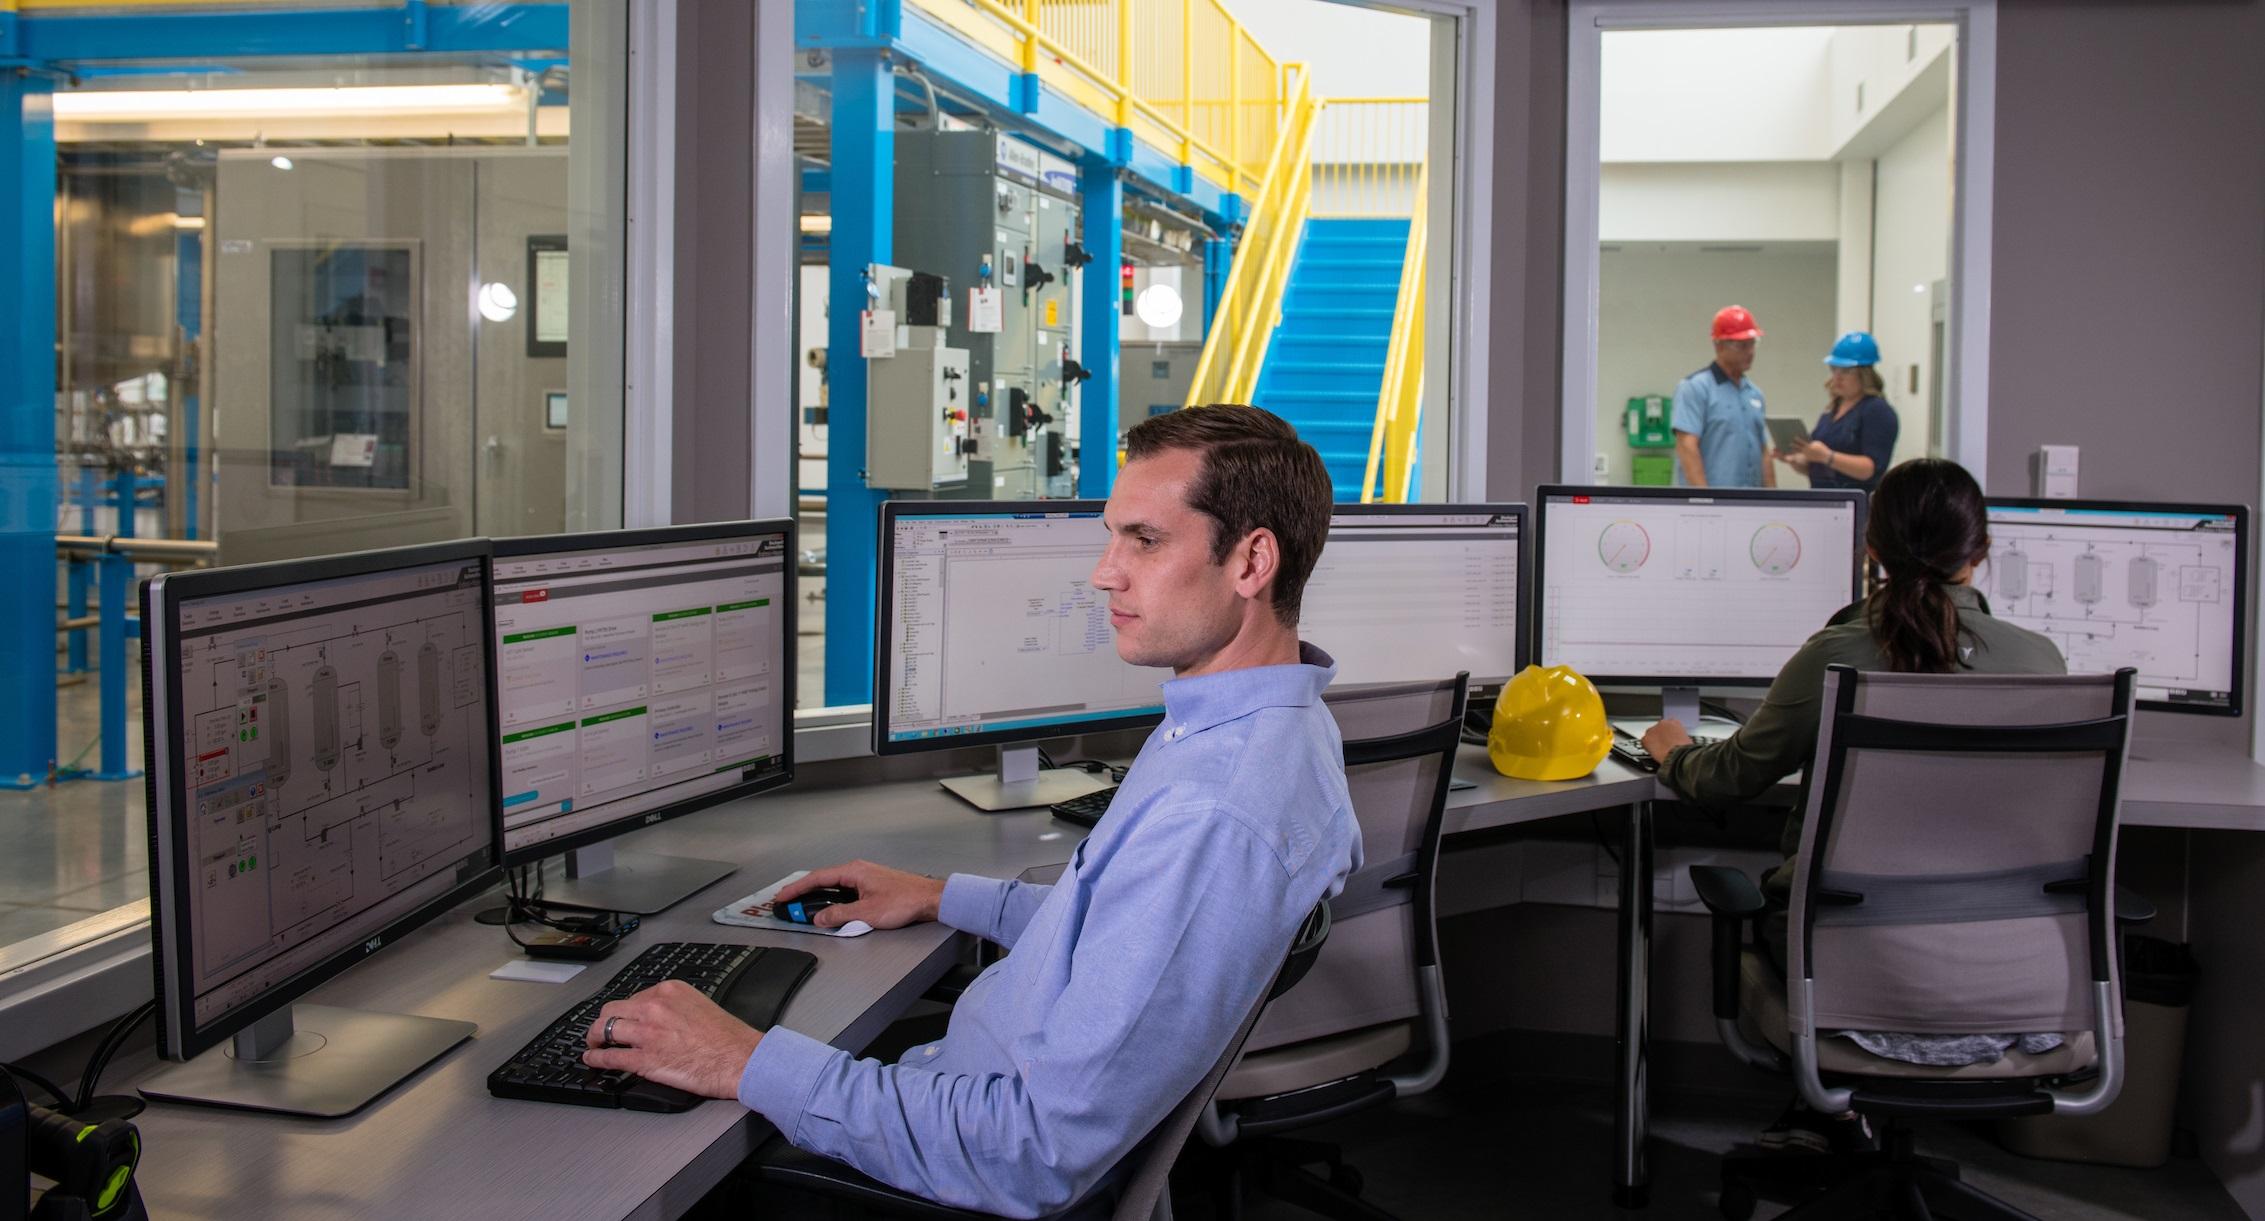 Neue Version des Prozessleitsystems PlantPAx von Rockwell Automation liefert die Grundlage für optimierte Zusammenarbeit aufgrund intelligenter und intuitiver Bedienung